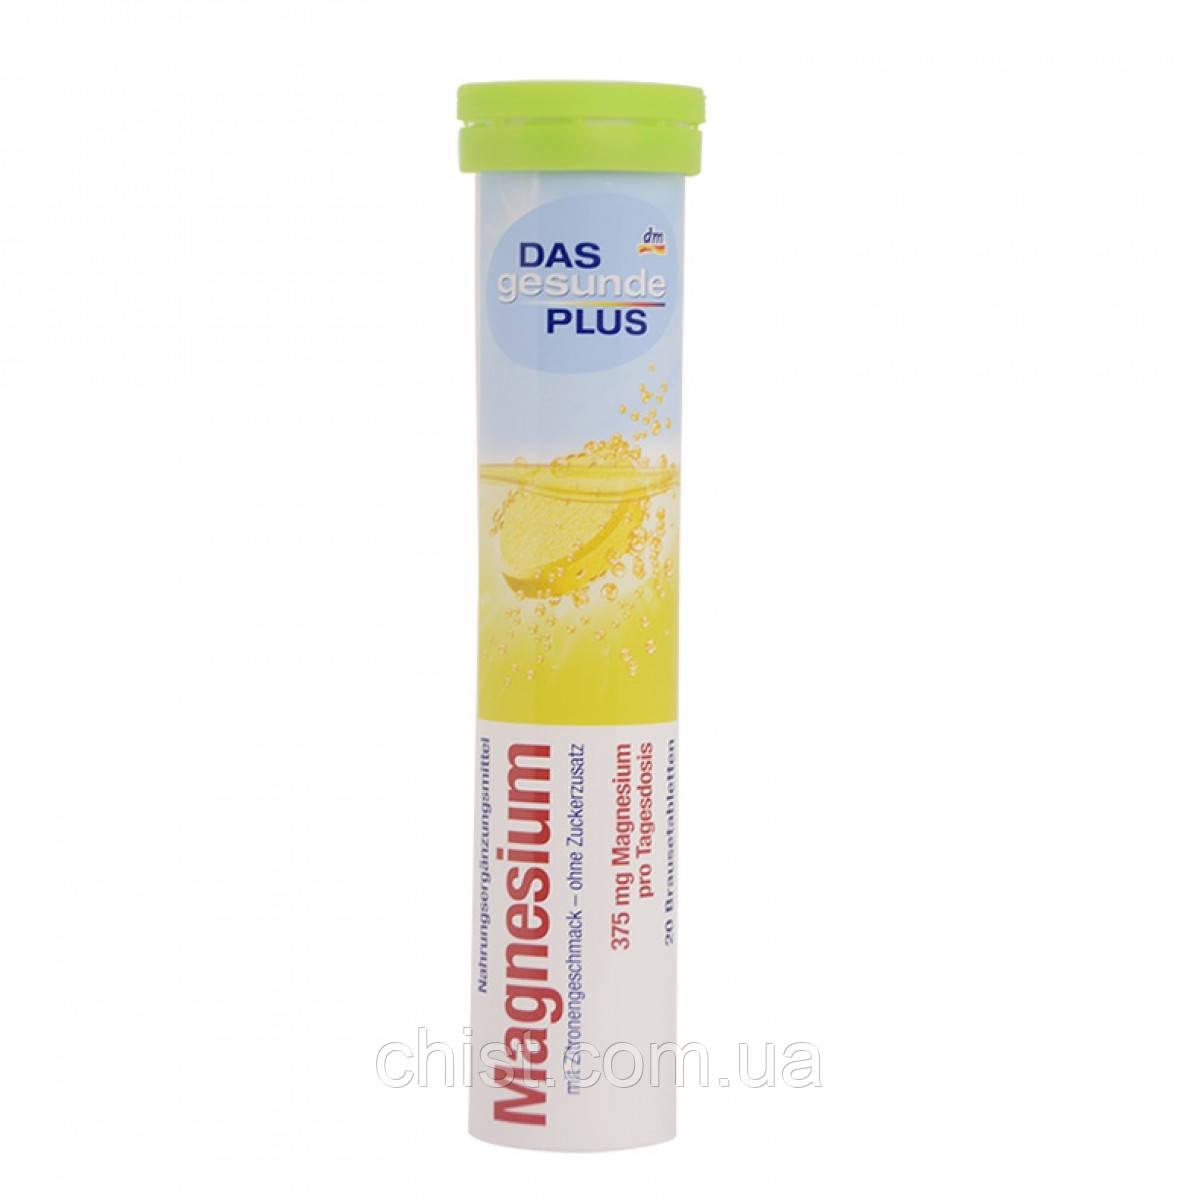 Denkmit шипучие витамины DAS gesunde PLUS Magnesium (20шт)